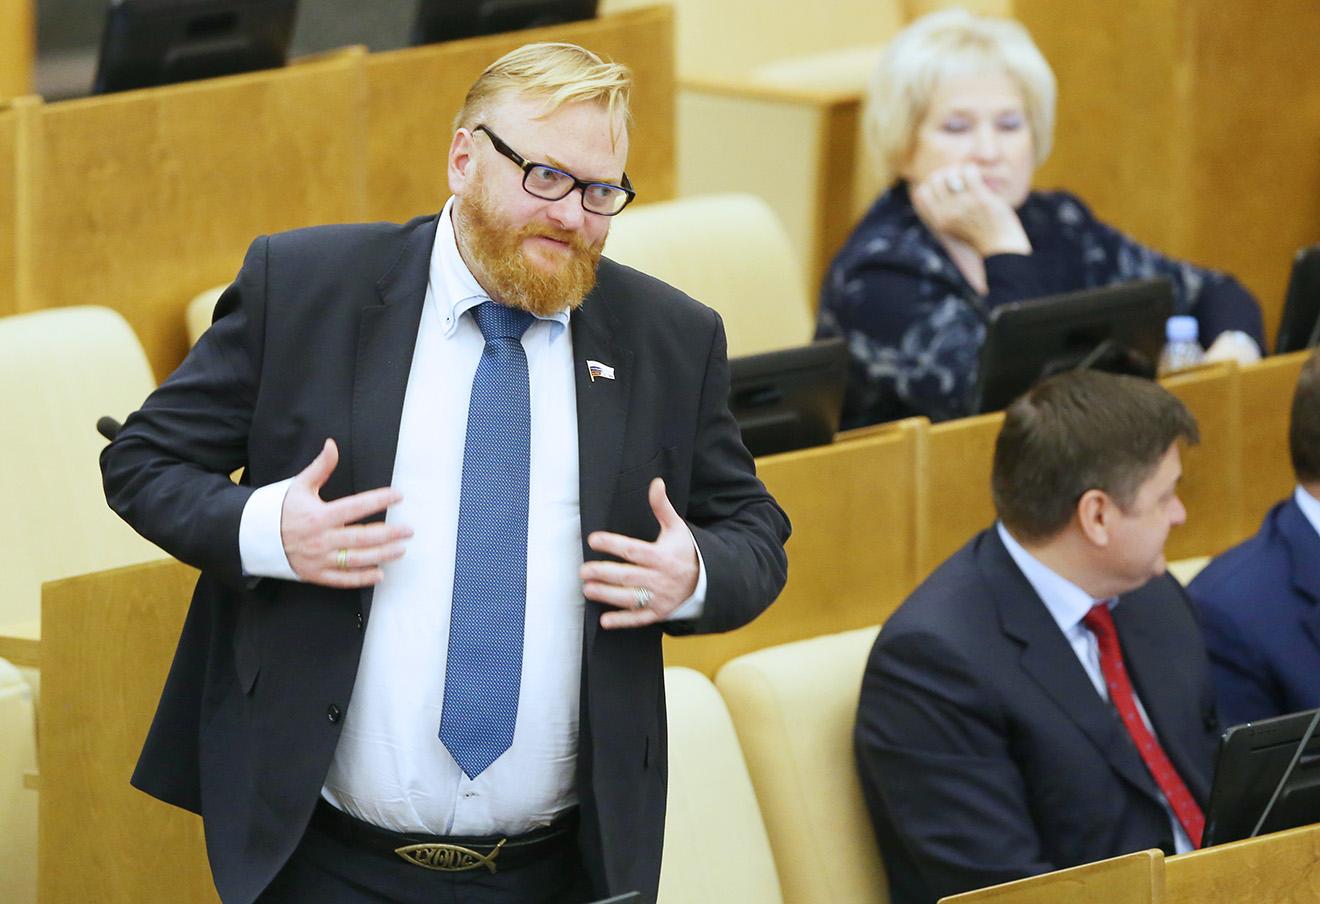 Виталий Милонов. Фото: Артем Коротаев / ТАСС